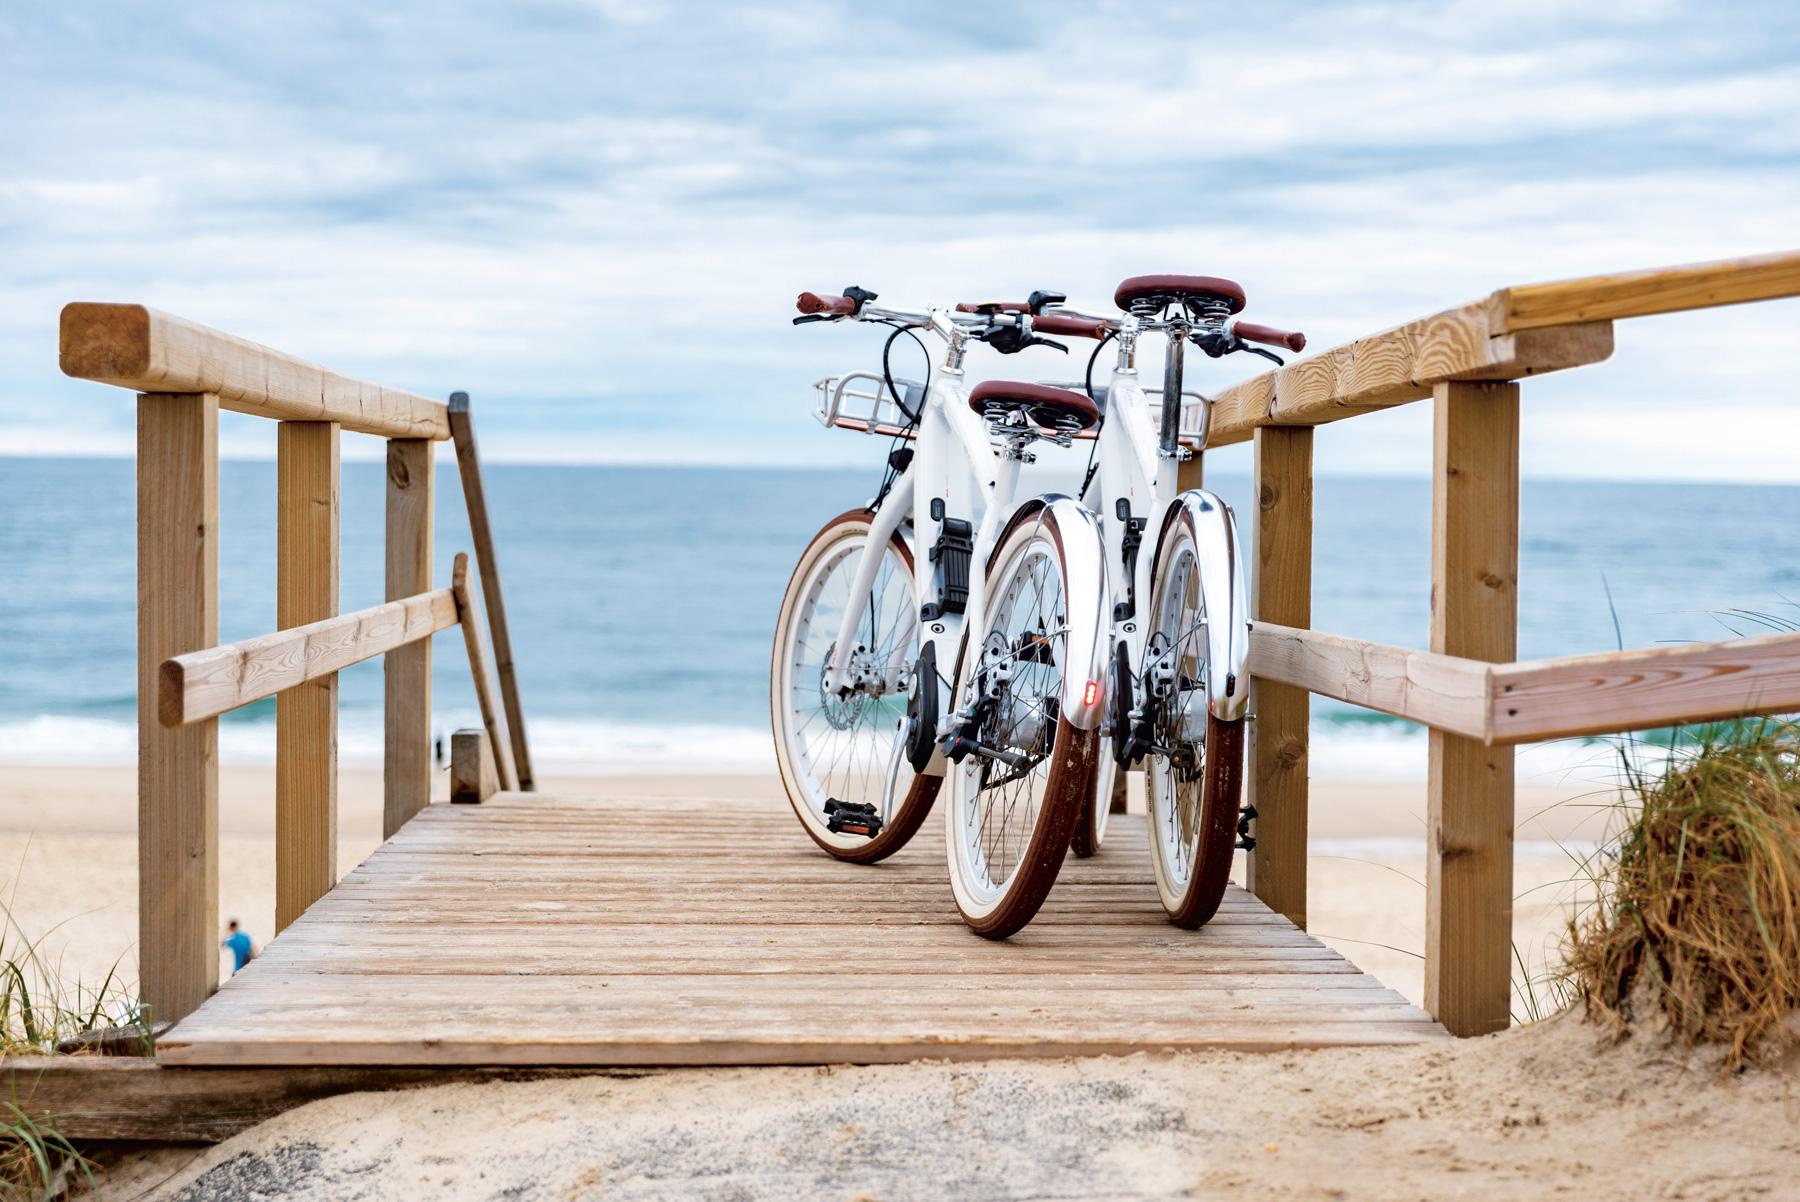 Wyn Strandhotel Sylt Mit Dem Fahrrad Die Insel Erkunden